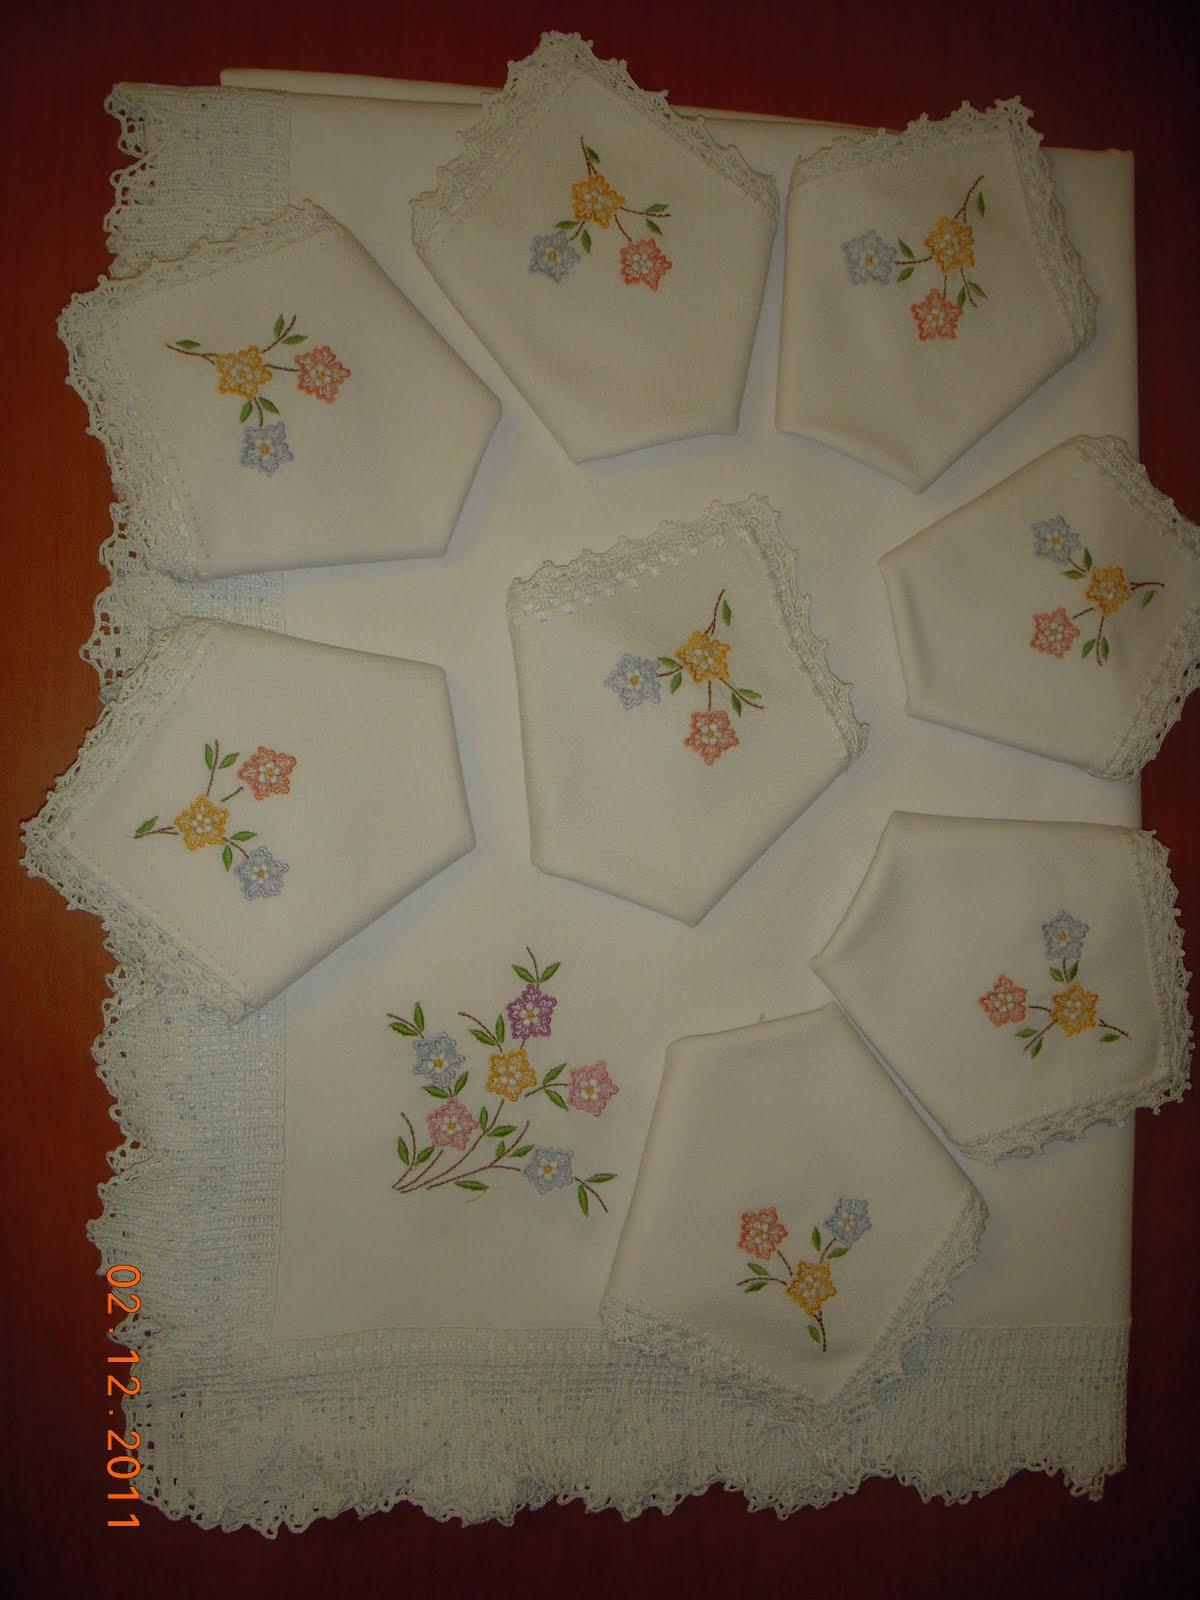 Mis trabajos nieves moreno bordados en manteles - Manteles bordados ...